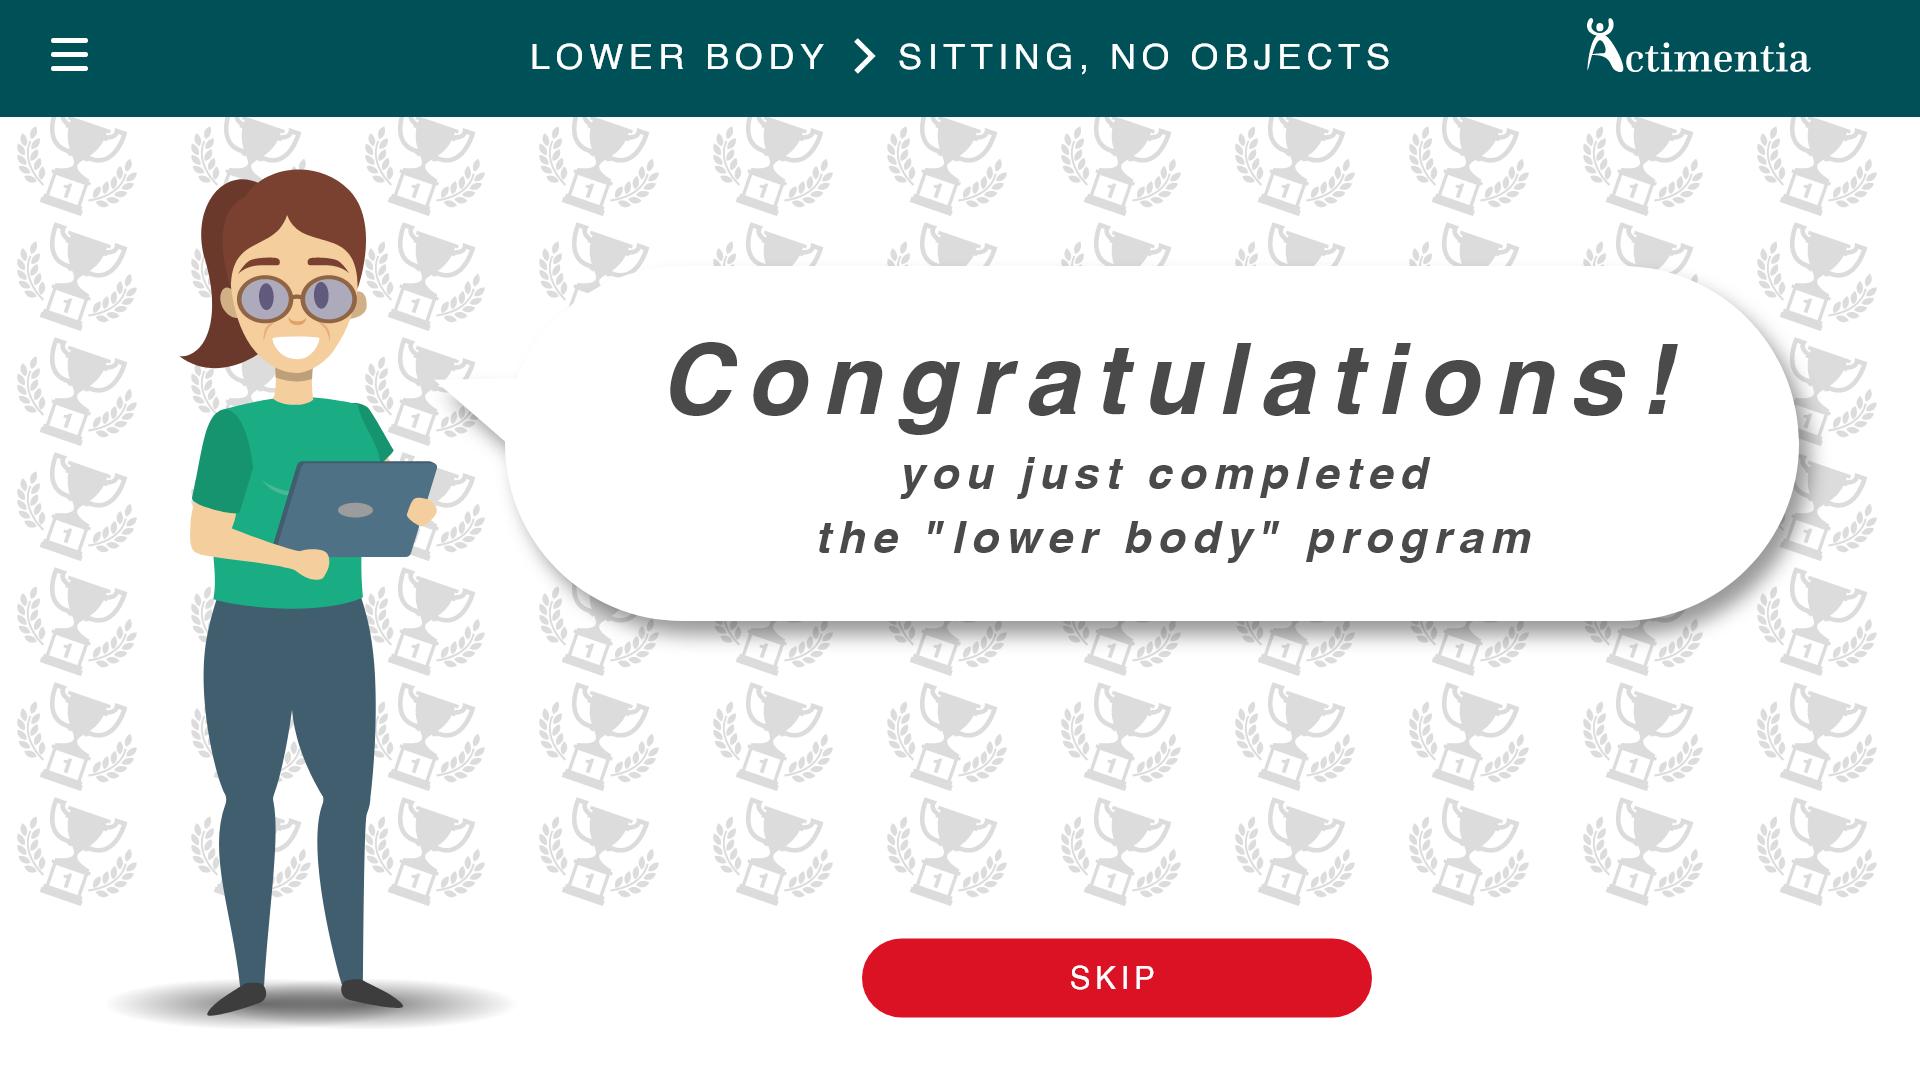 Interface d'actimentia application de sport pour personnes agées felicitations